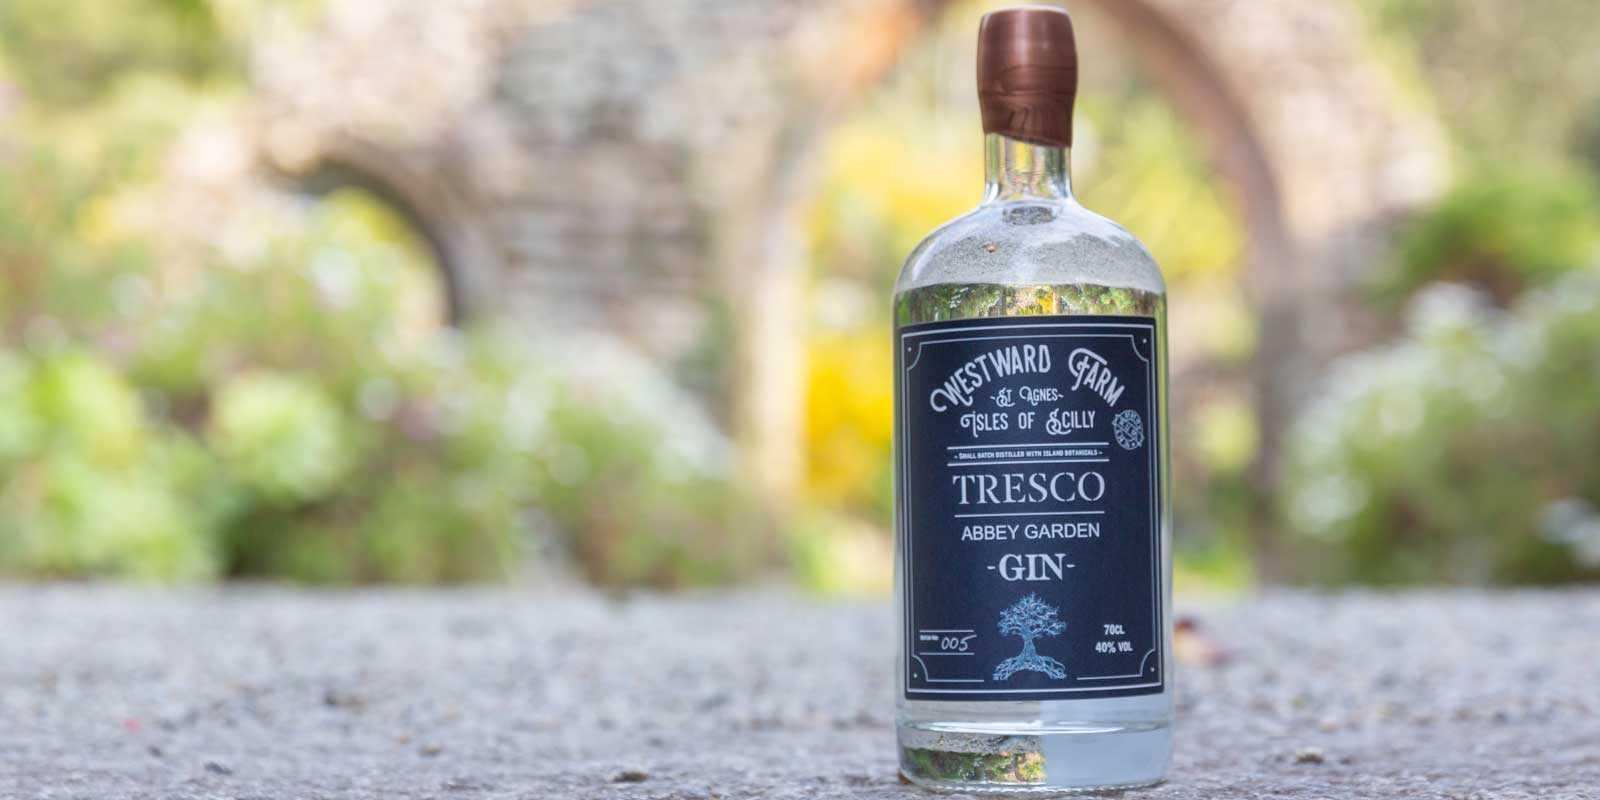 Tresco Abbey Garden Gin 16x8